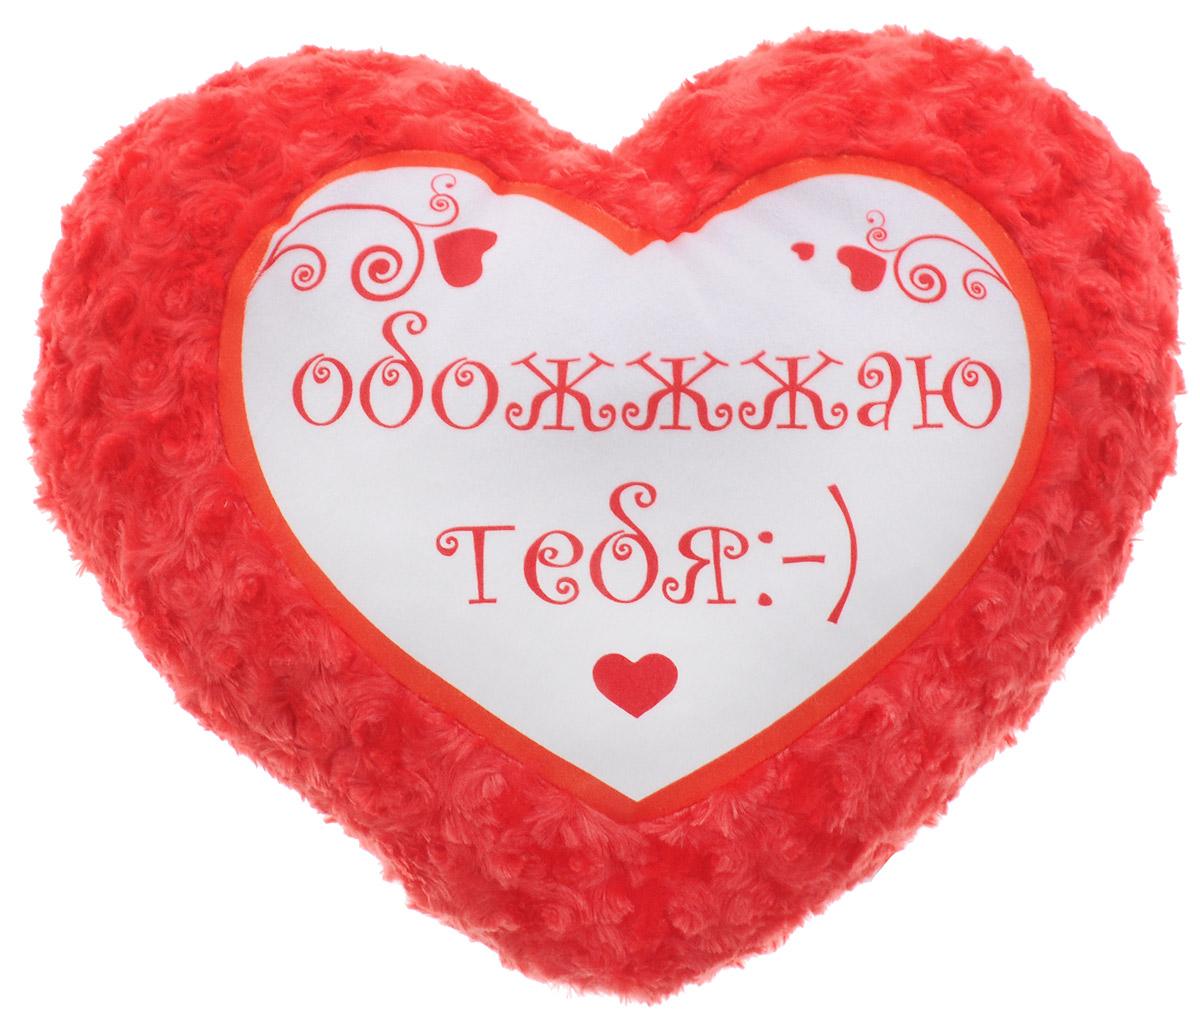 СмолТойс Мягкая игрушка-подушка Сердце 30 см17102024Мягкая игрушка-подушка Сердце, выполненная из мягкого искусственного меха красного цвета, станет отличным подарком ко дню влюбленных. Подушка в форме с надписью Обожжжаю тебя покорит все сердца. Такая подушка подарит комфорт и уют, а также станет оригинальным украшением интерьера.